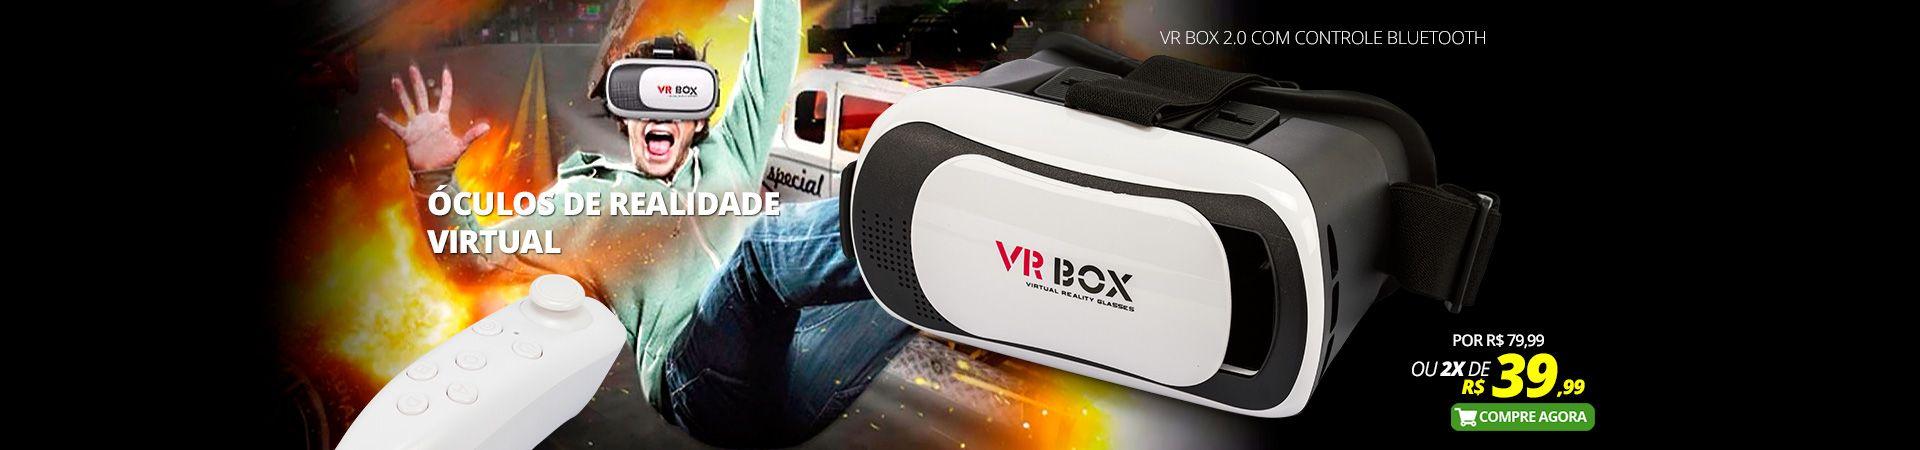 Oculos Realidade Virtual